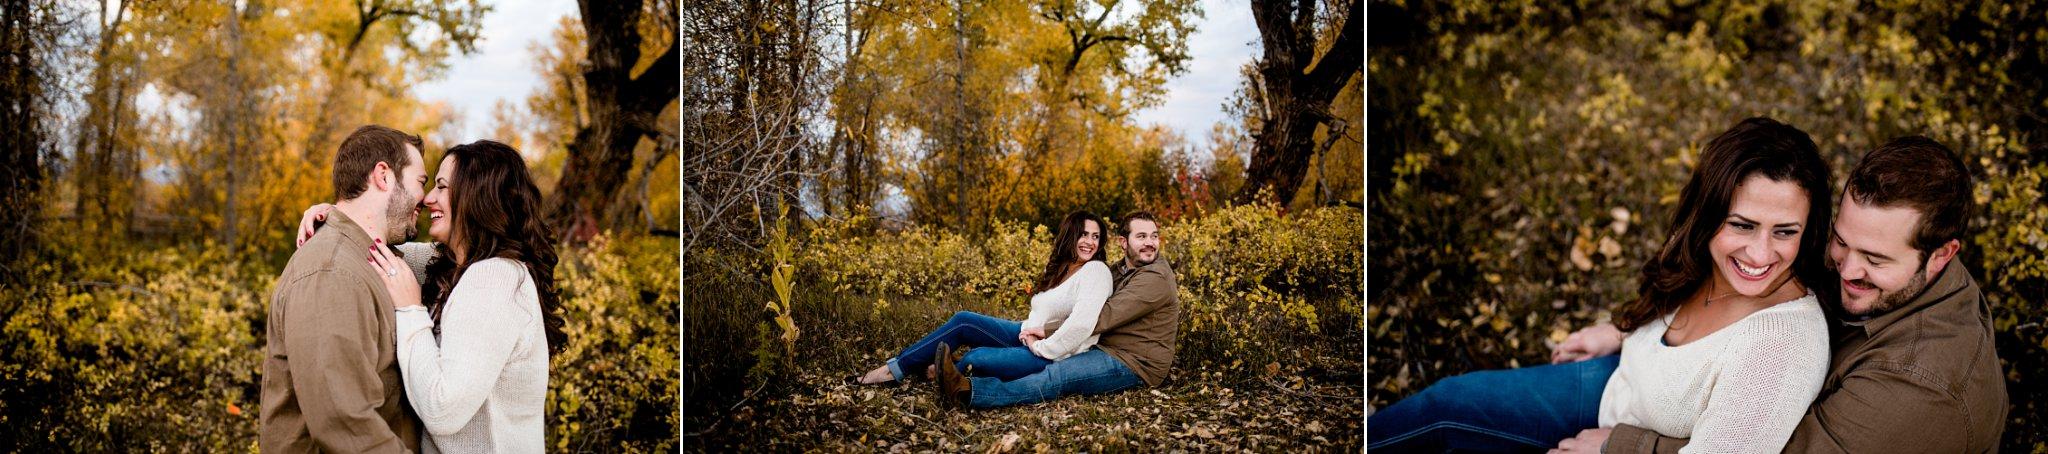 Boulder Engagement Session_0007.jpg